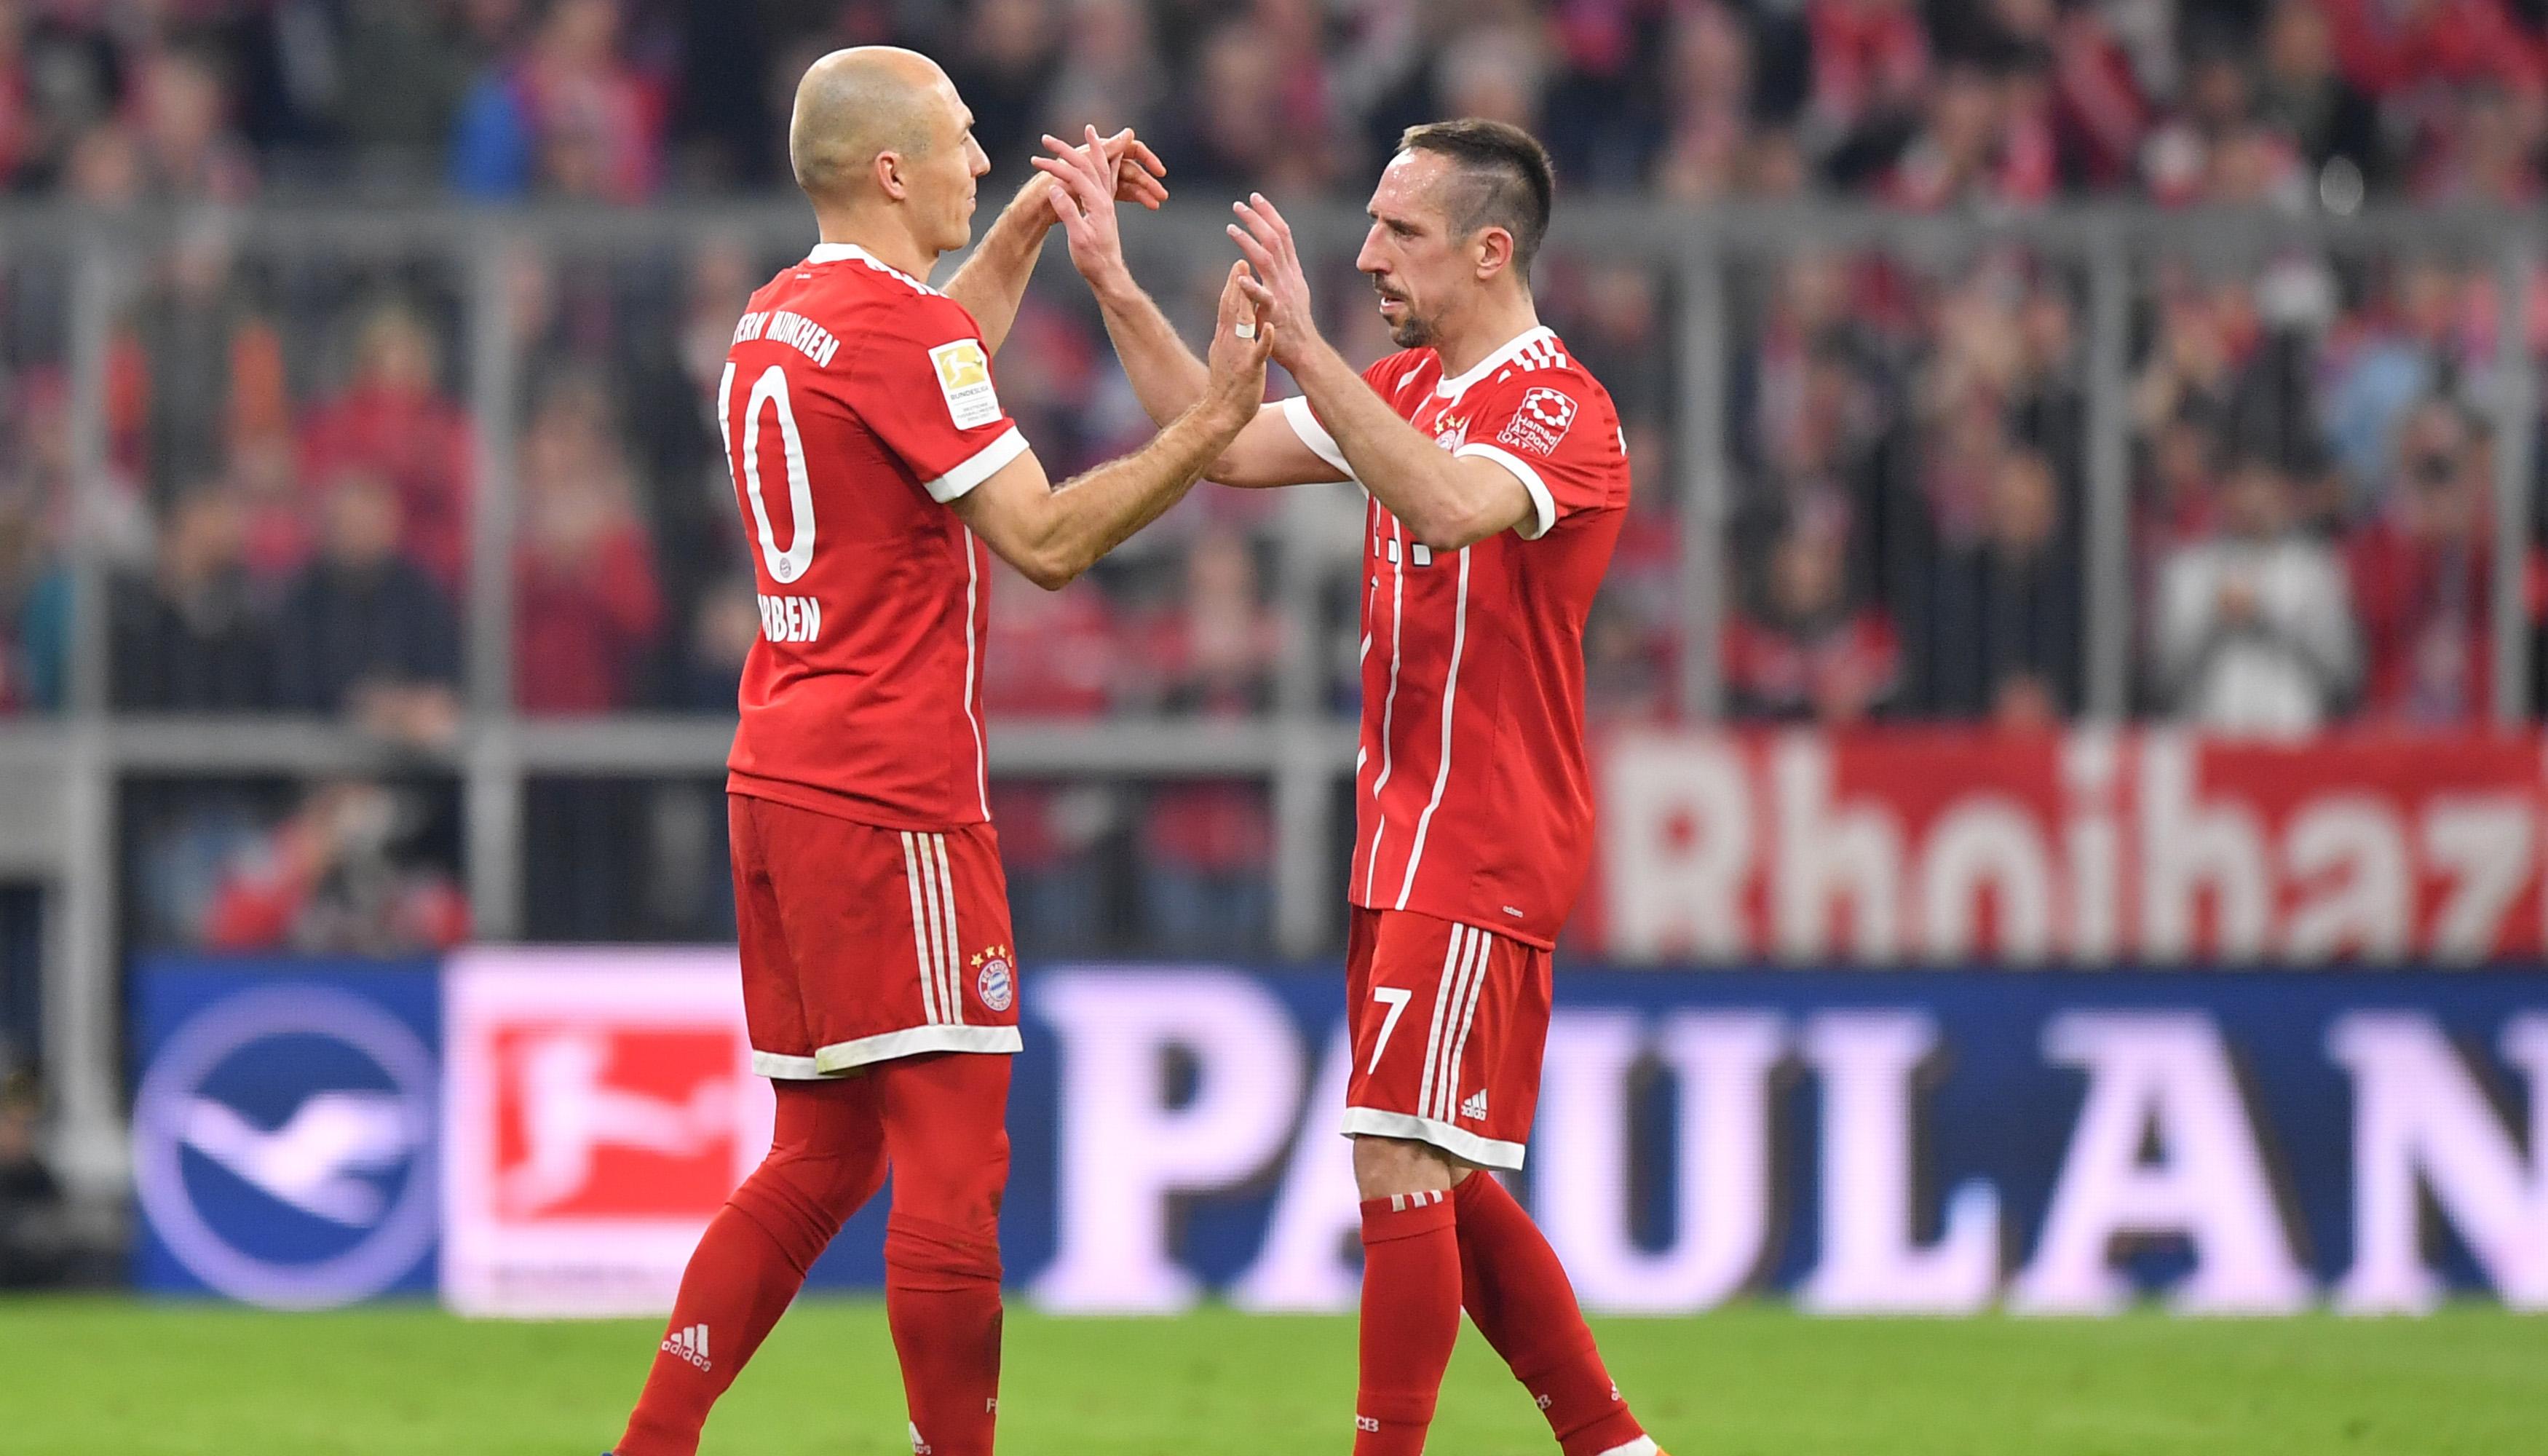 Robbery: Vorfreude auf die 10. gemeinsame Saison beim FC Bayern